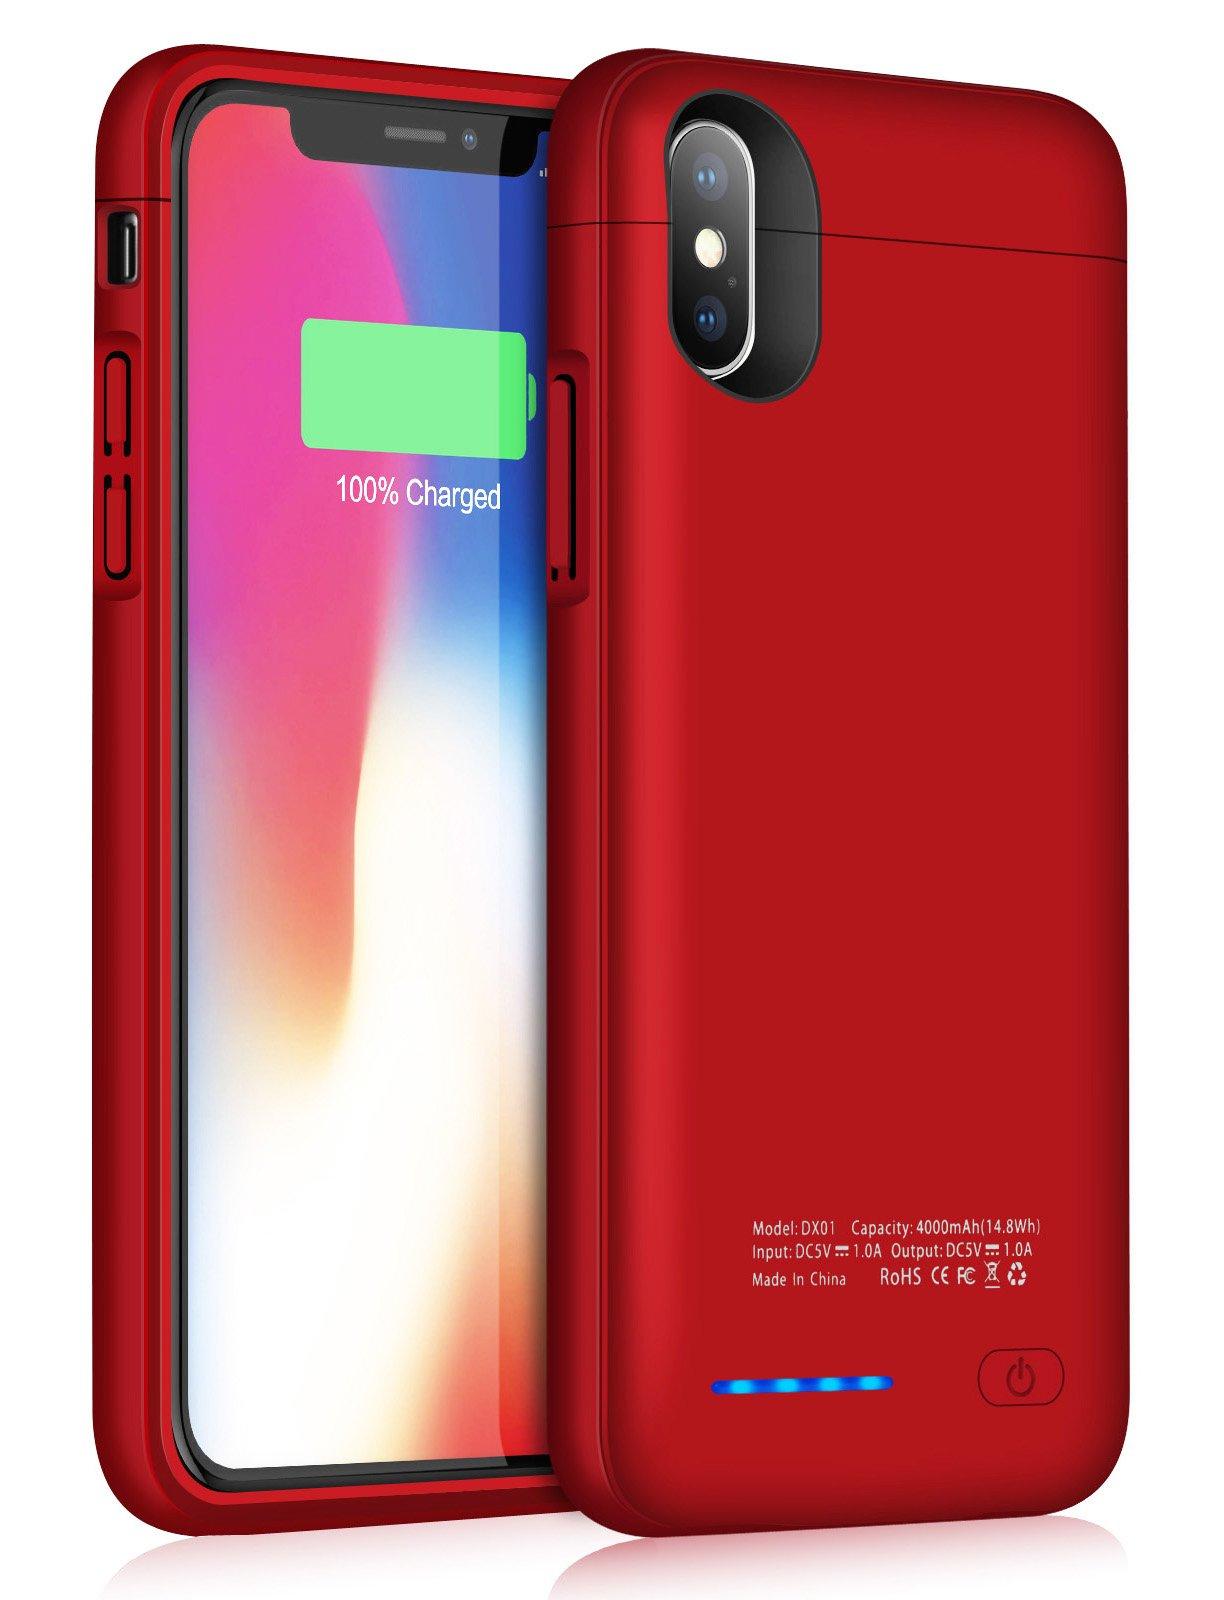 Funda Con Bateria de 4000mah para Apple Iphone X/Xs JUBOTY [7D7PL5Y7]